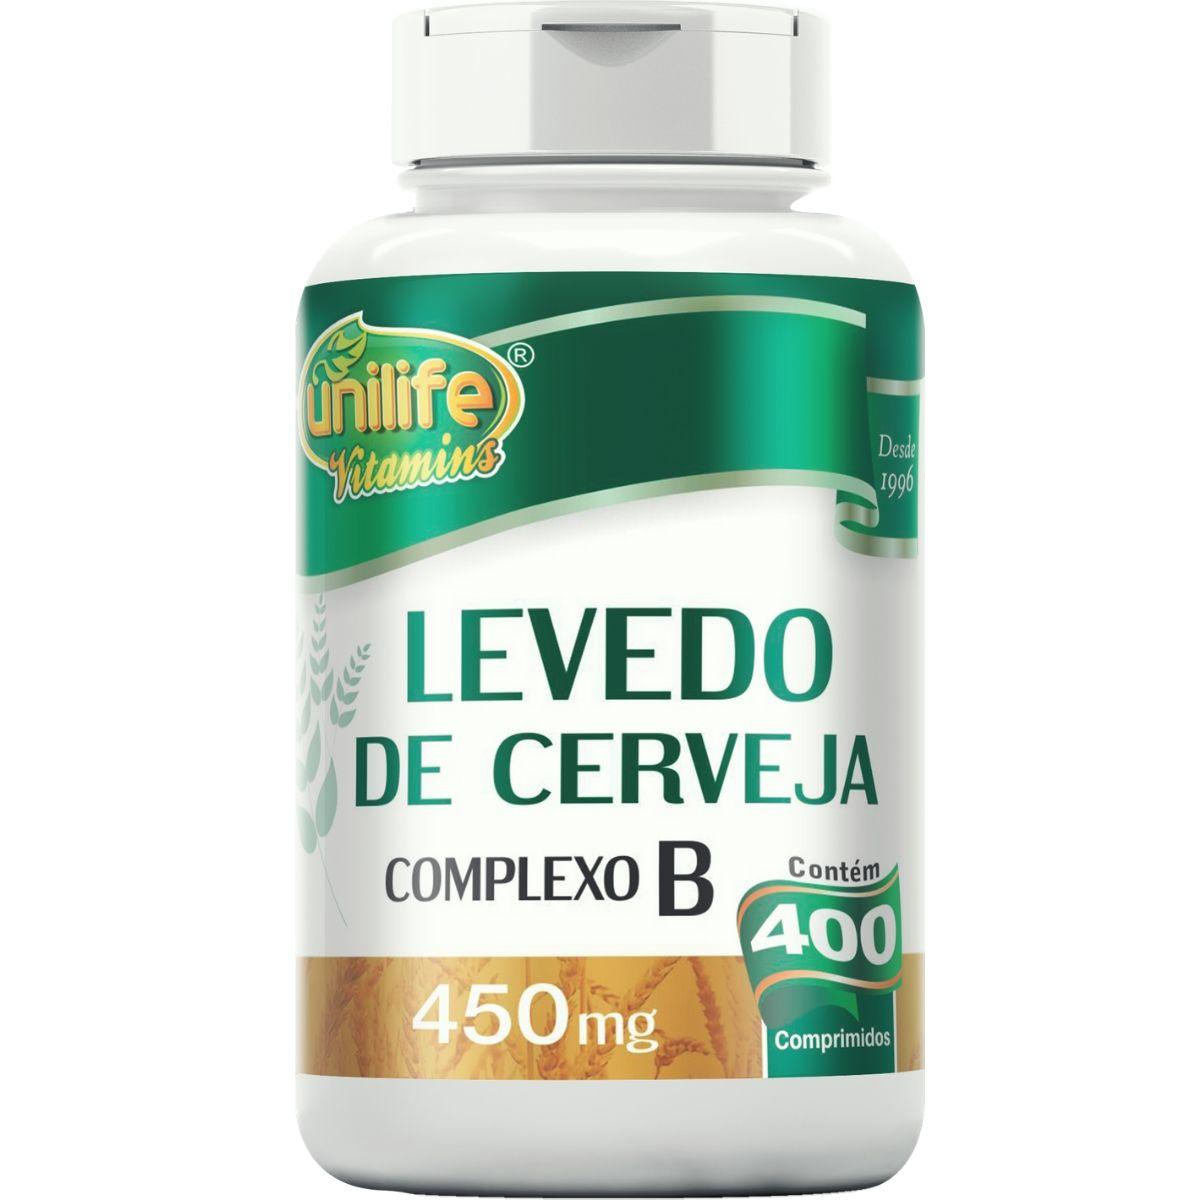 Levedo de Cerveja 400 Comprimidos 450mg - Unilife